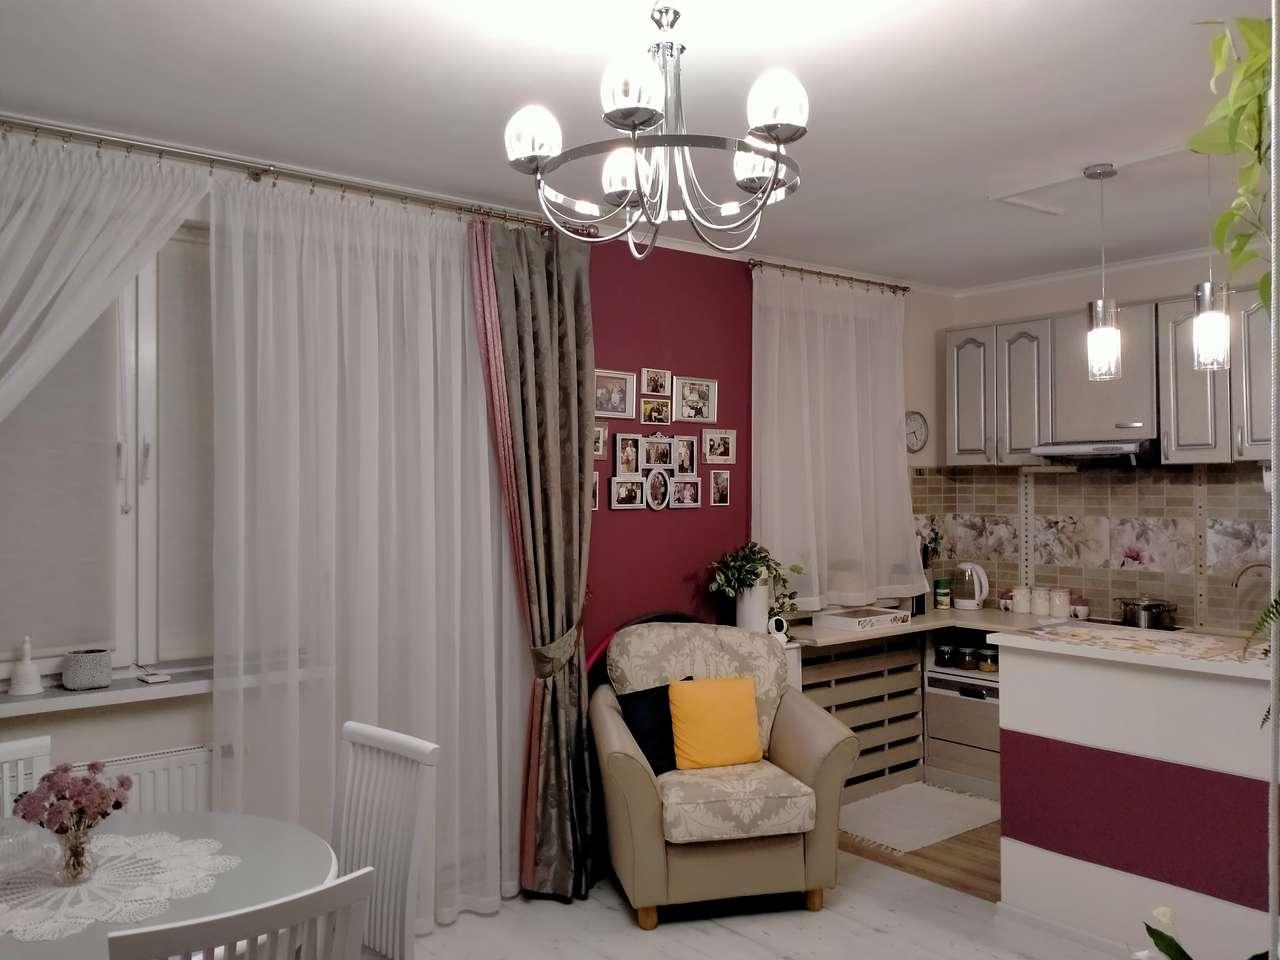 interior del apartamento - el arte de arreglar un pequeño interior (13×10)